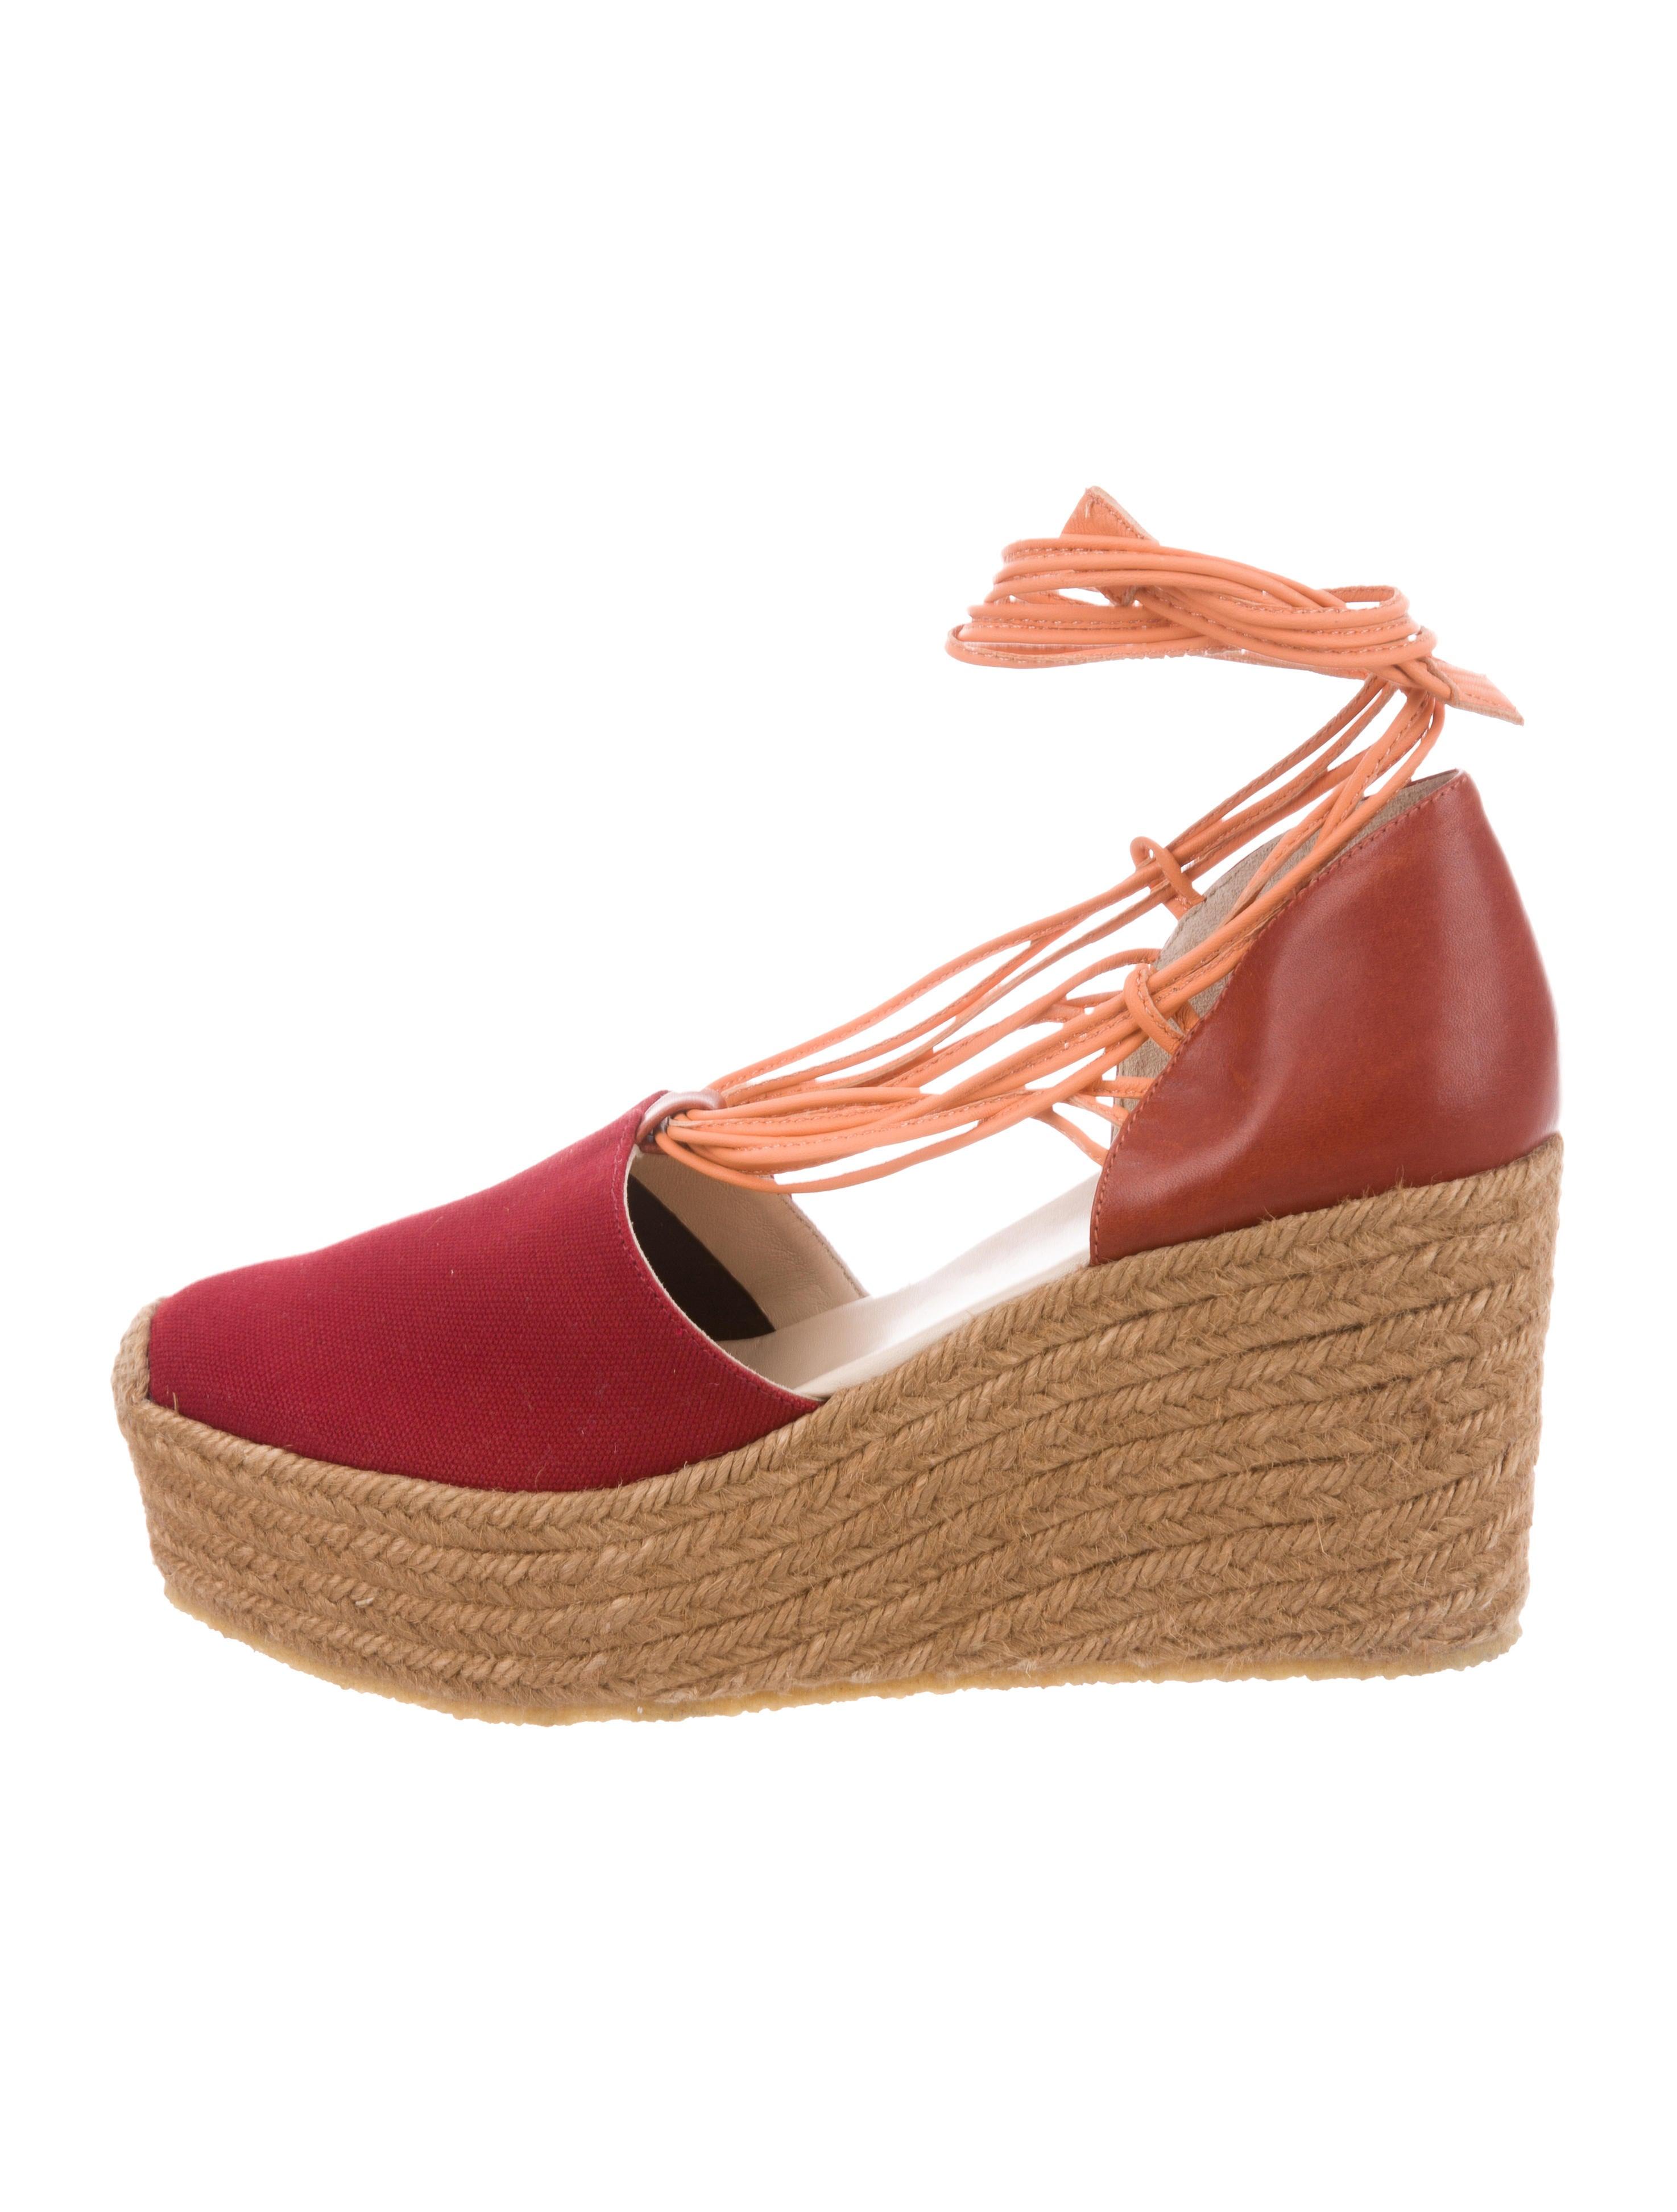 e708260f817 Chloé Canvas Platform Espadrille Wedges - Shoes - CHL99193